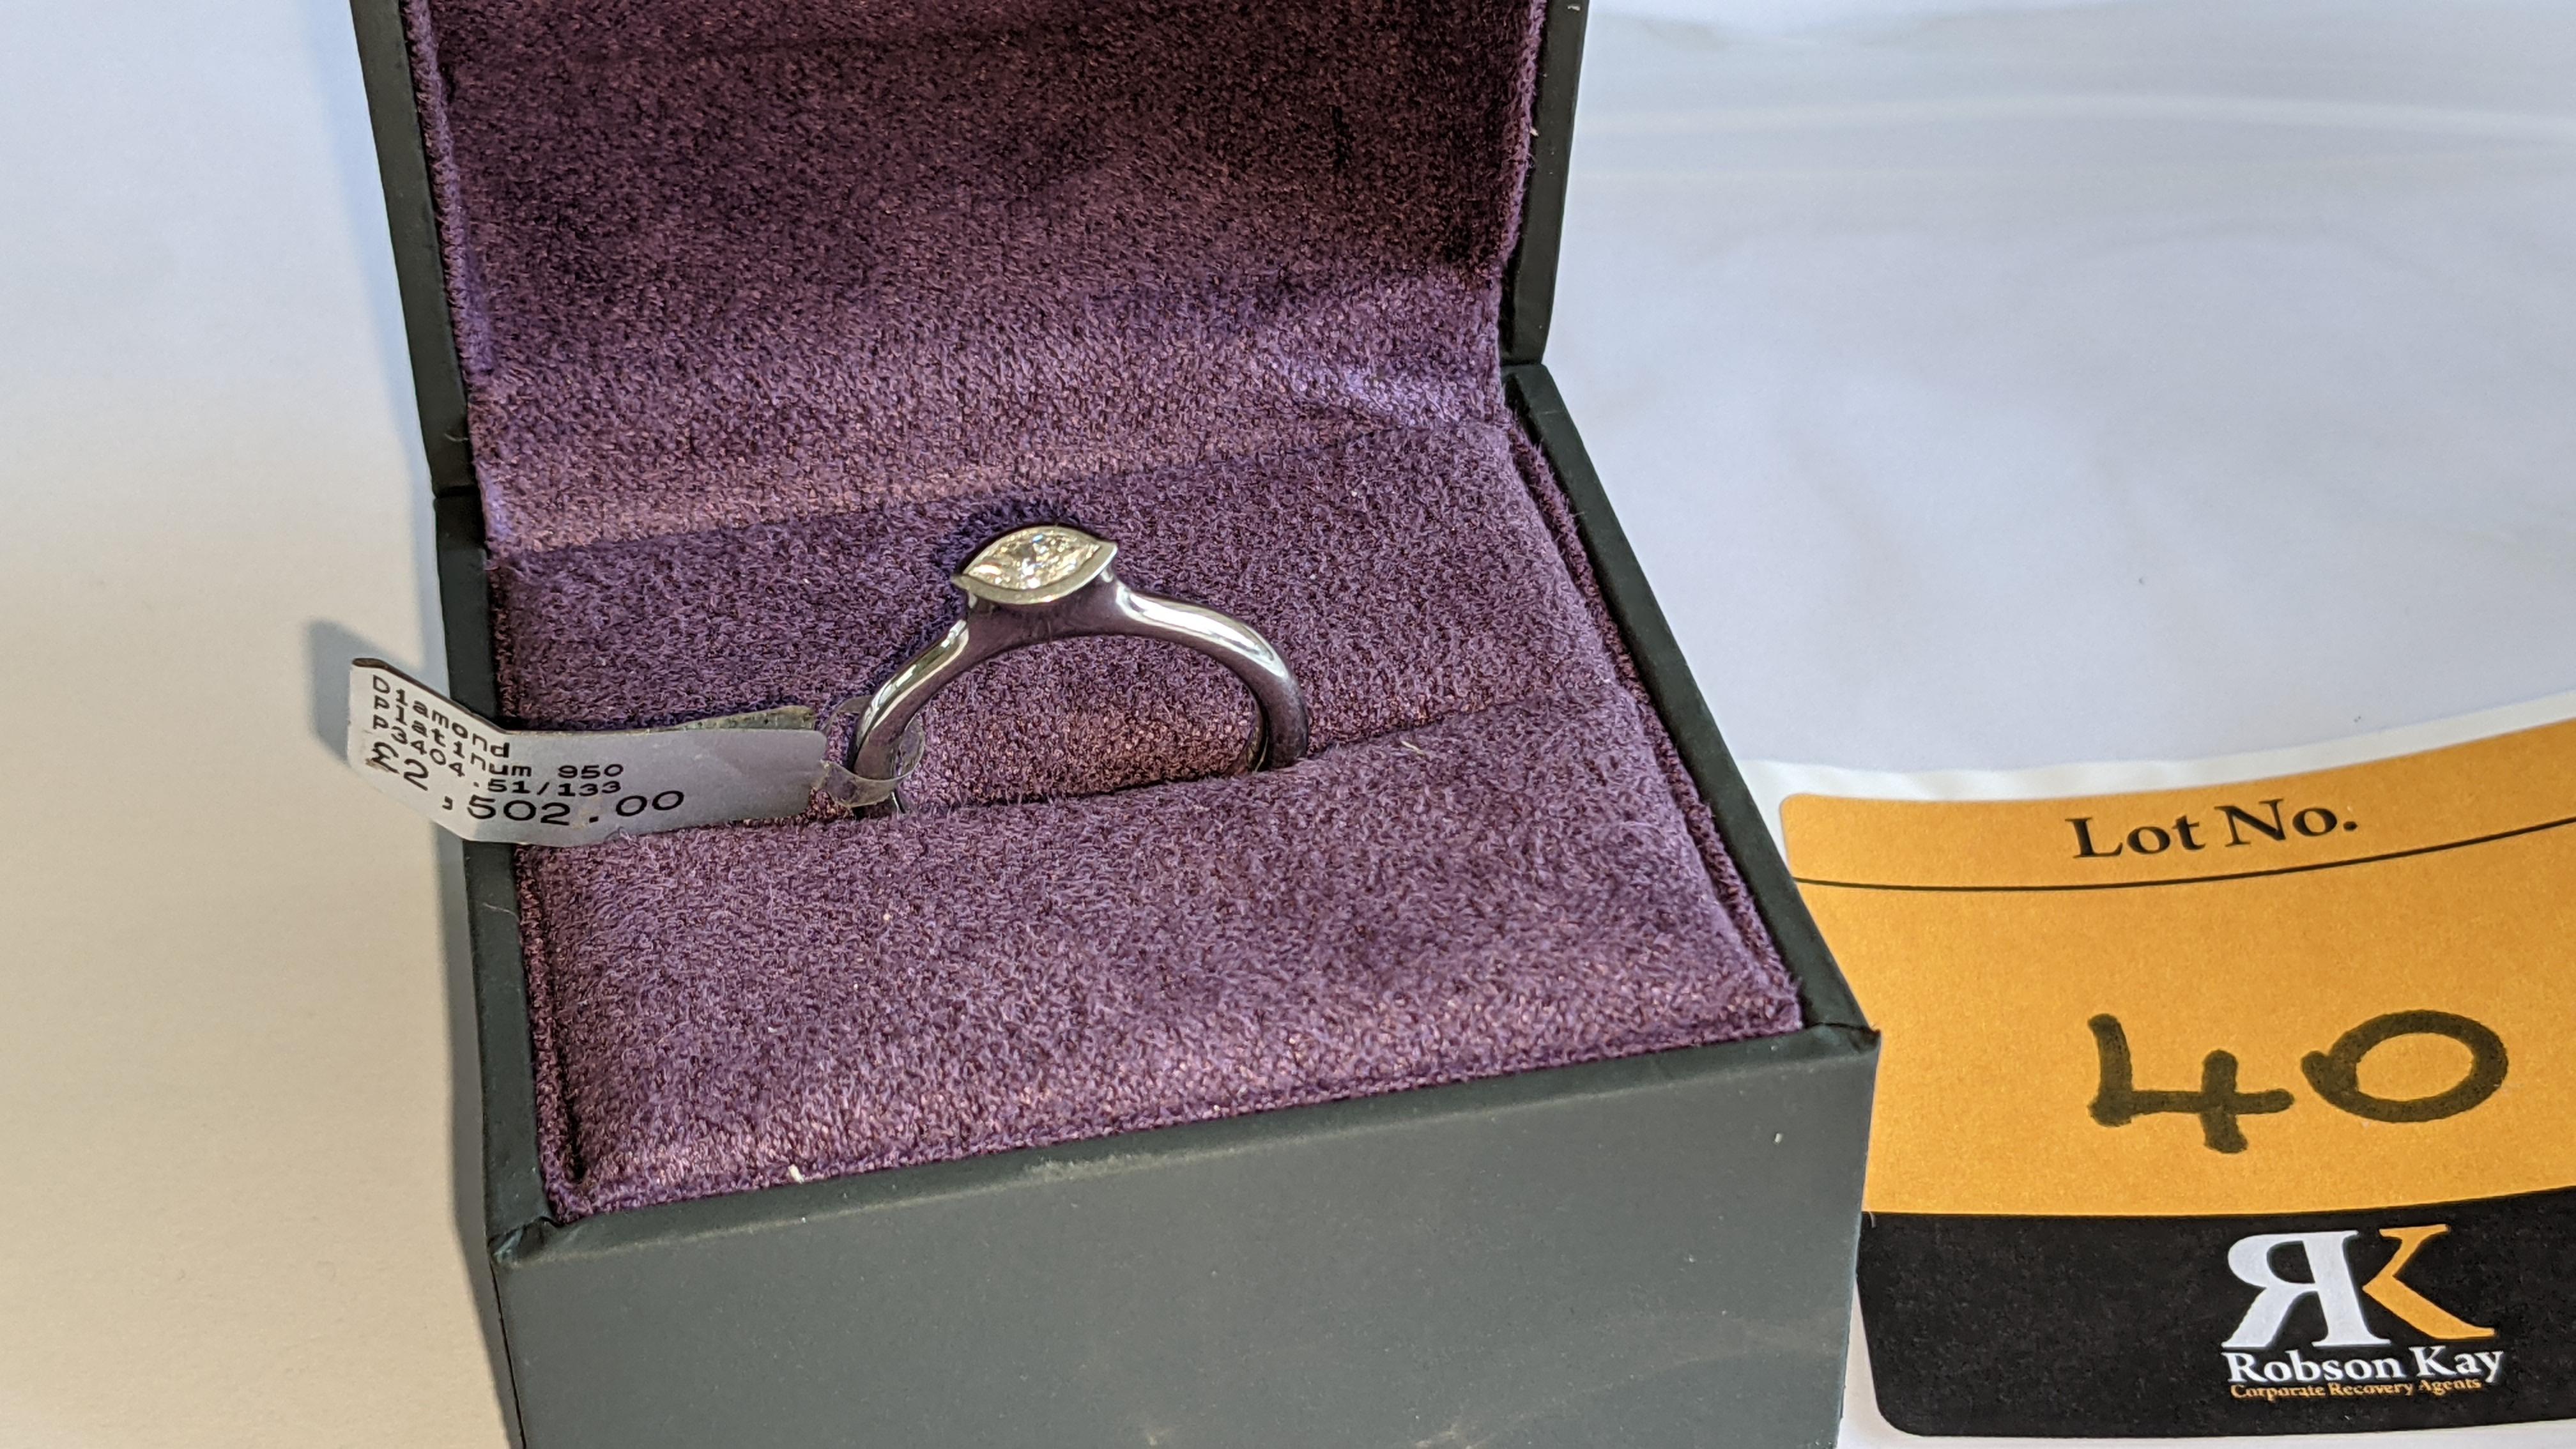 Platinum 950 & diamond ring with 0.22ct of G/VS diamond. RRP £2,502 - Image 2 of 14